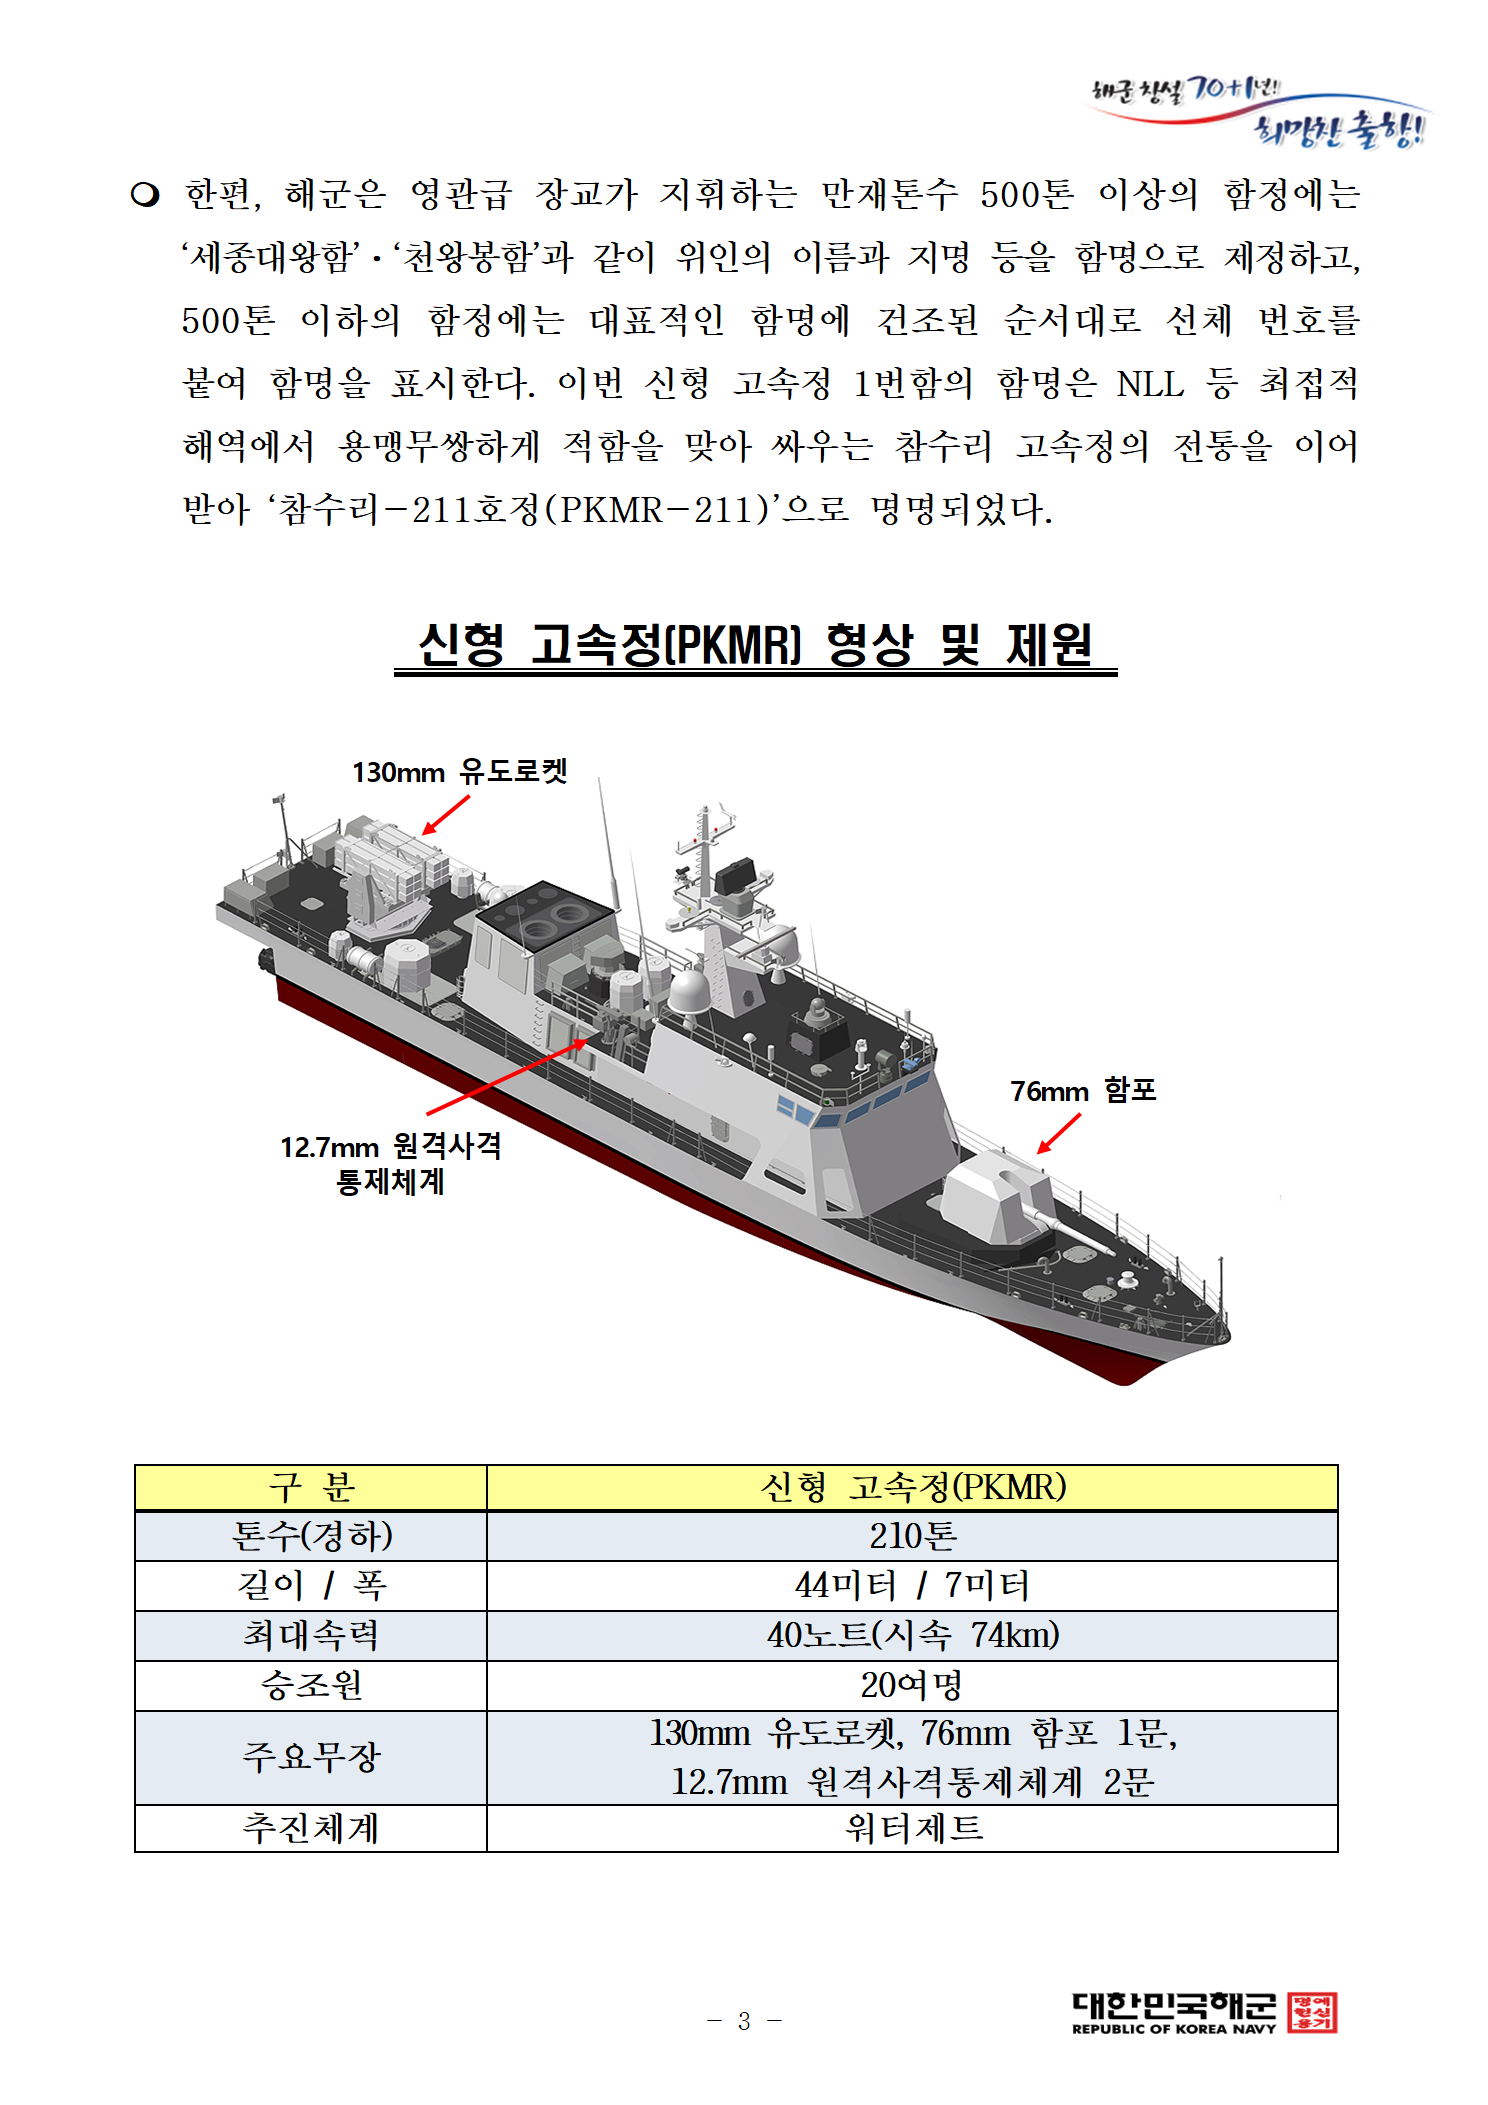 신형 고속정 PKMR 선도함 진수 보도자료003.png